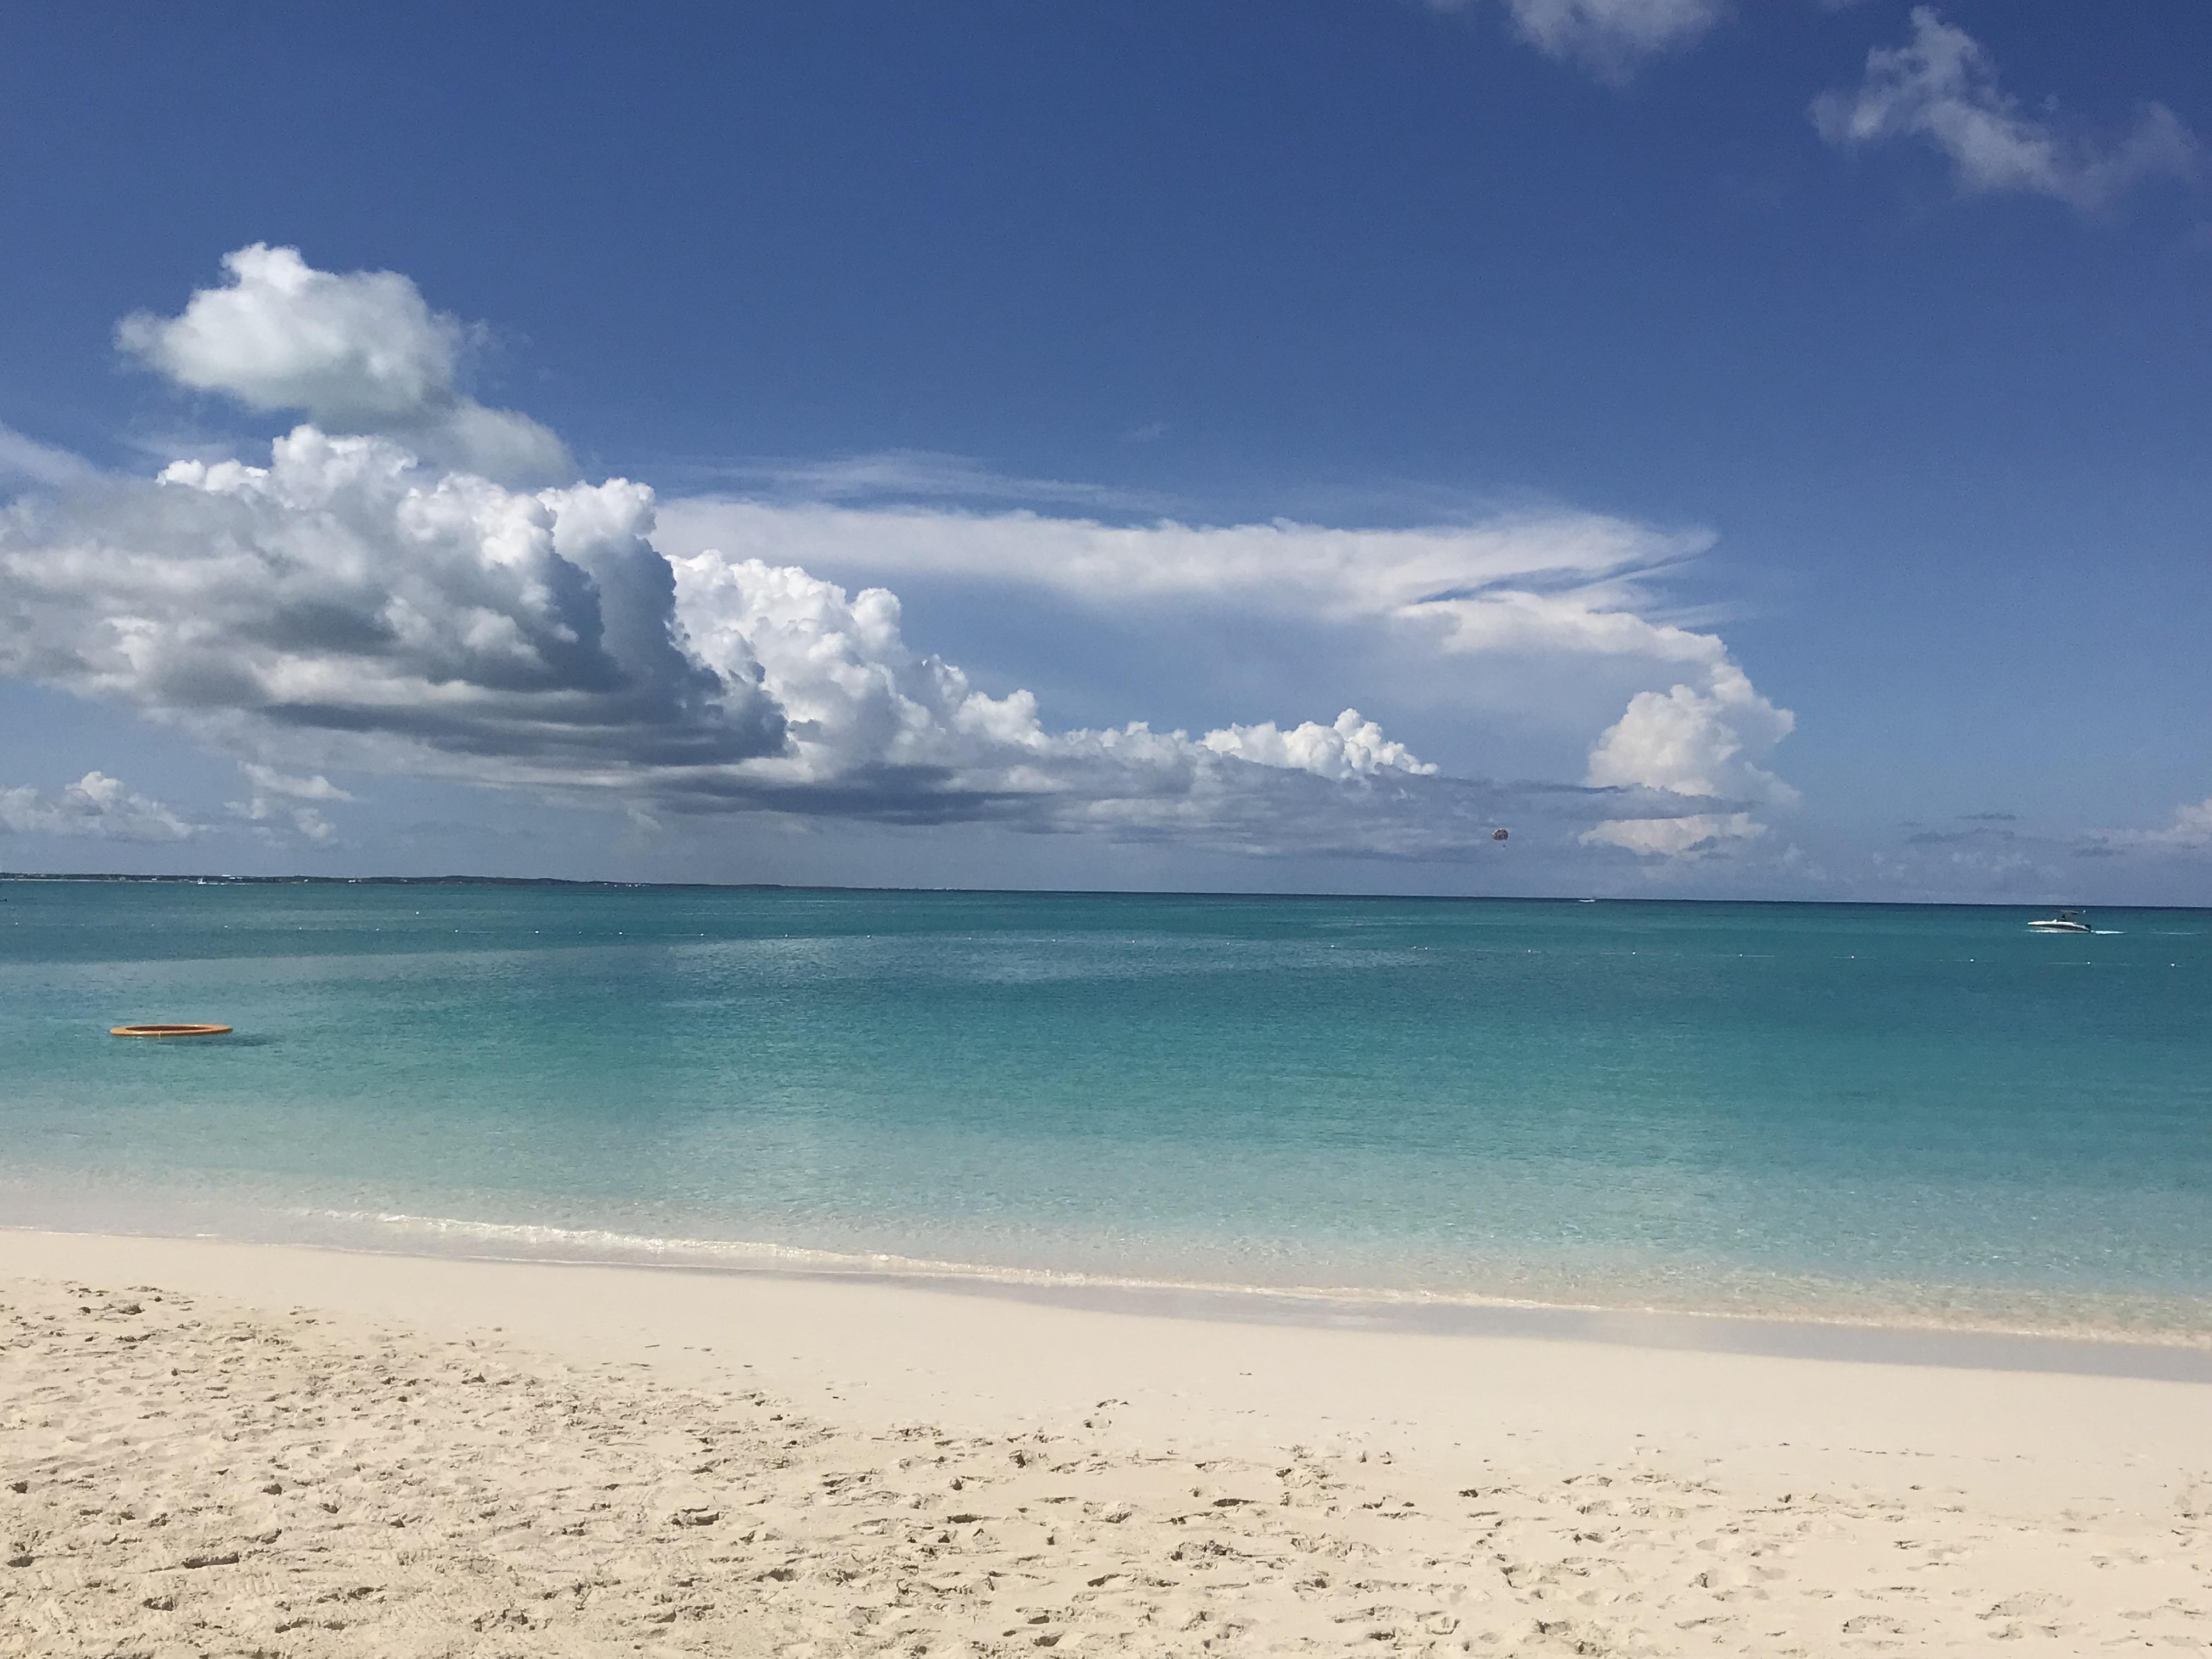 Beaches Turks & Caicos View